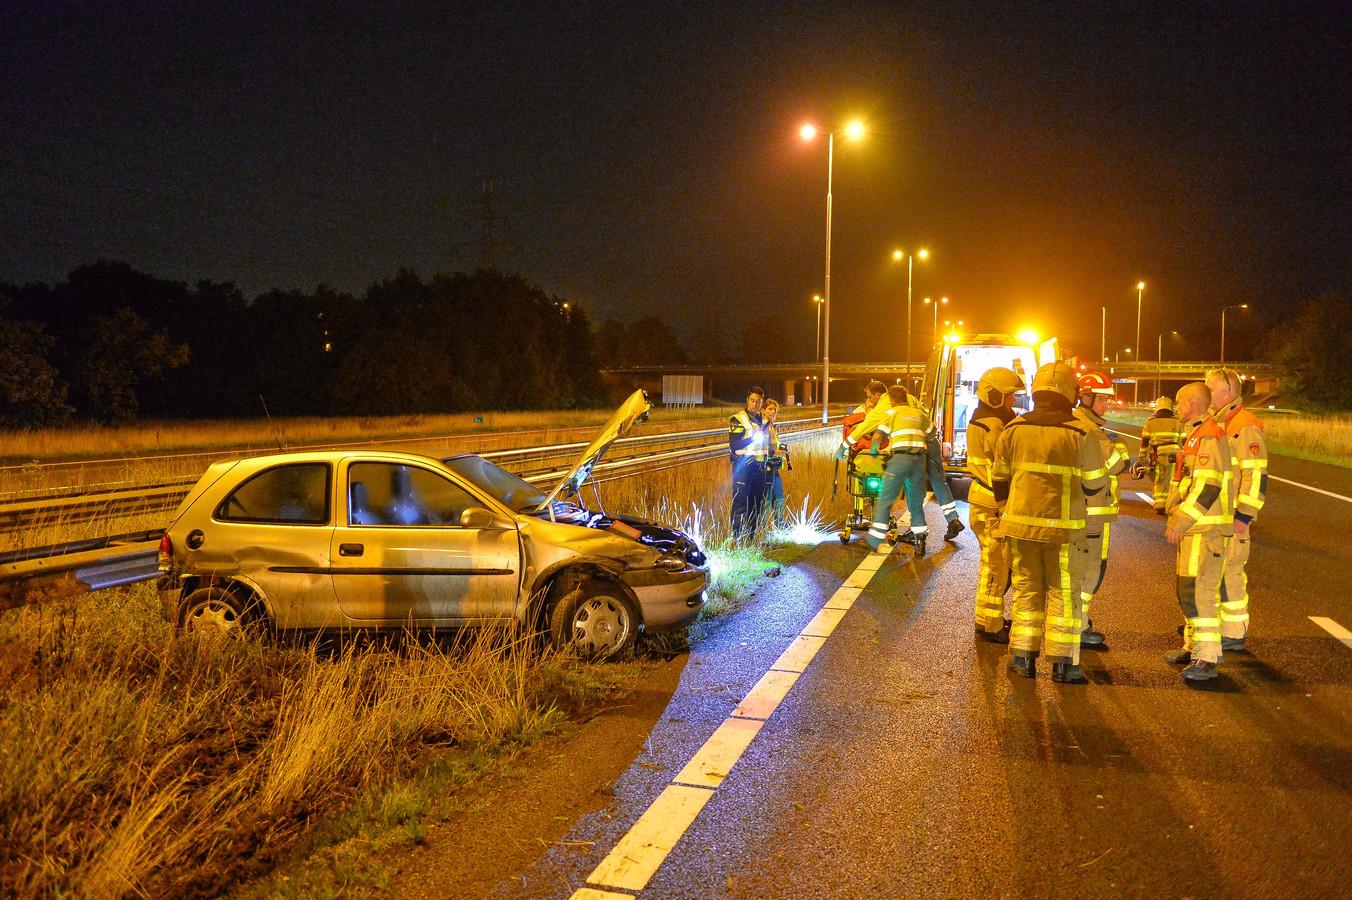 De beschadigde auto na het ongeluk op de A50.